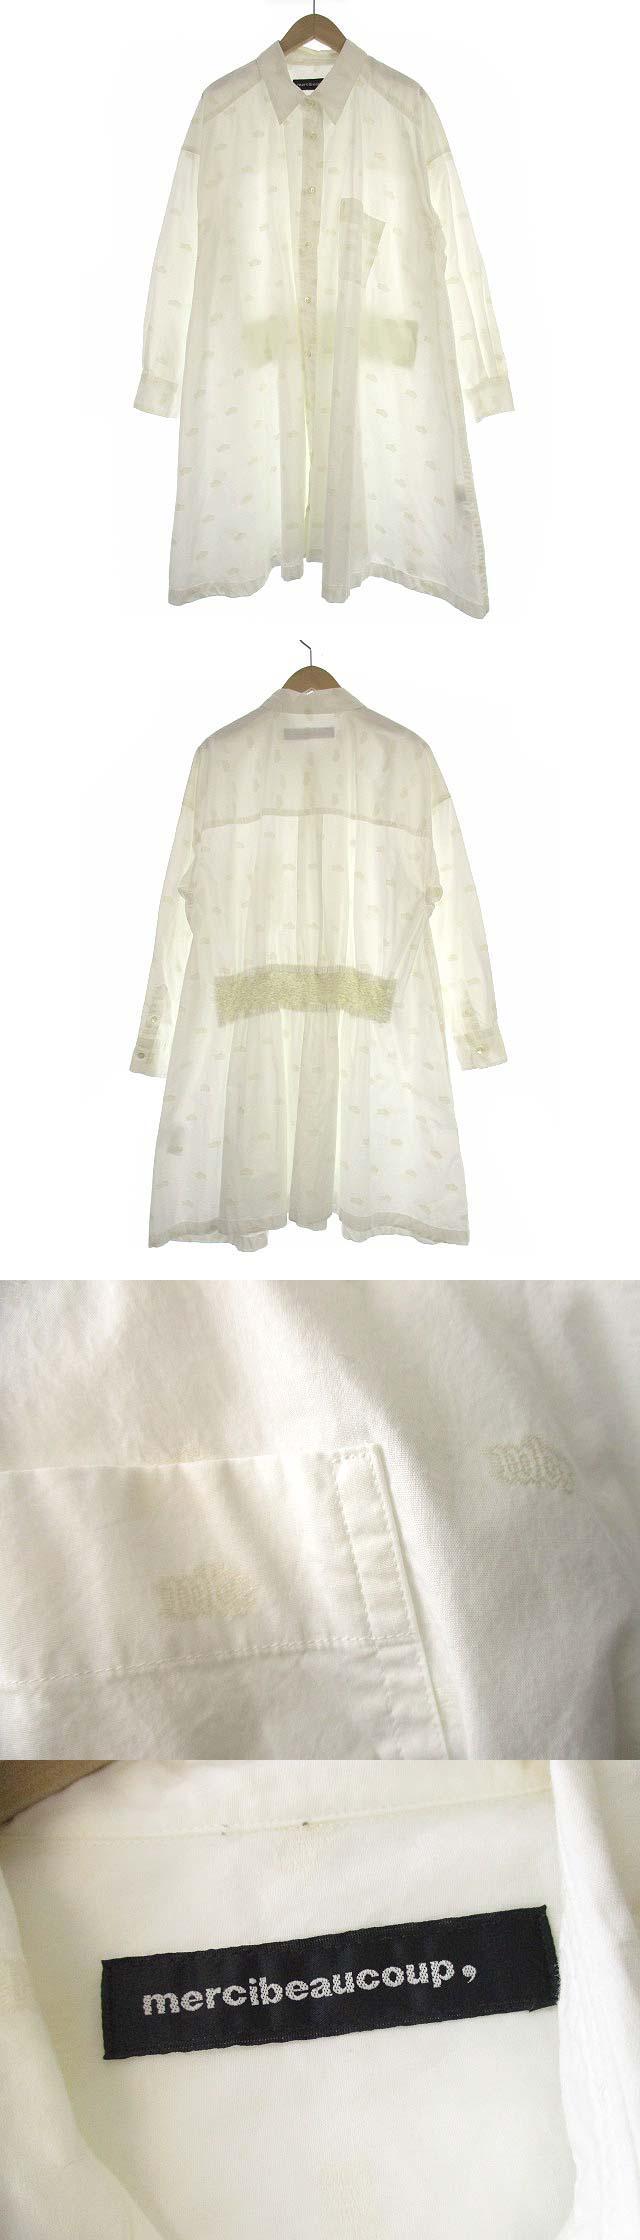 ロゴジャガ シャツ ワンピース チュニック 長袖 ドロップショルダー 刺繍 コットン MB43FH006 白 1